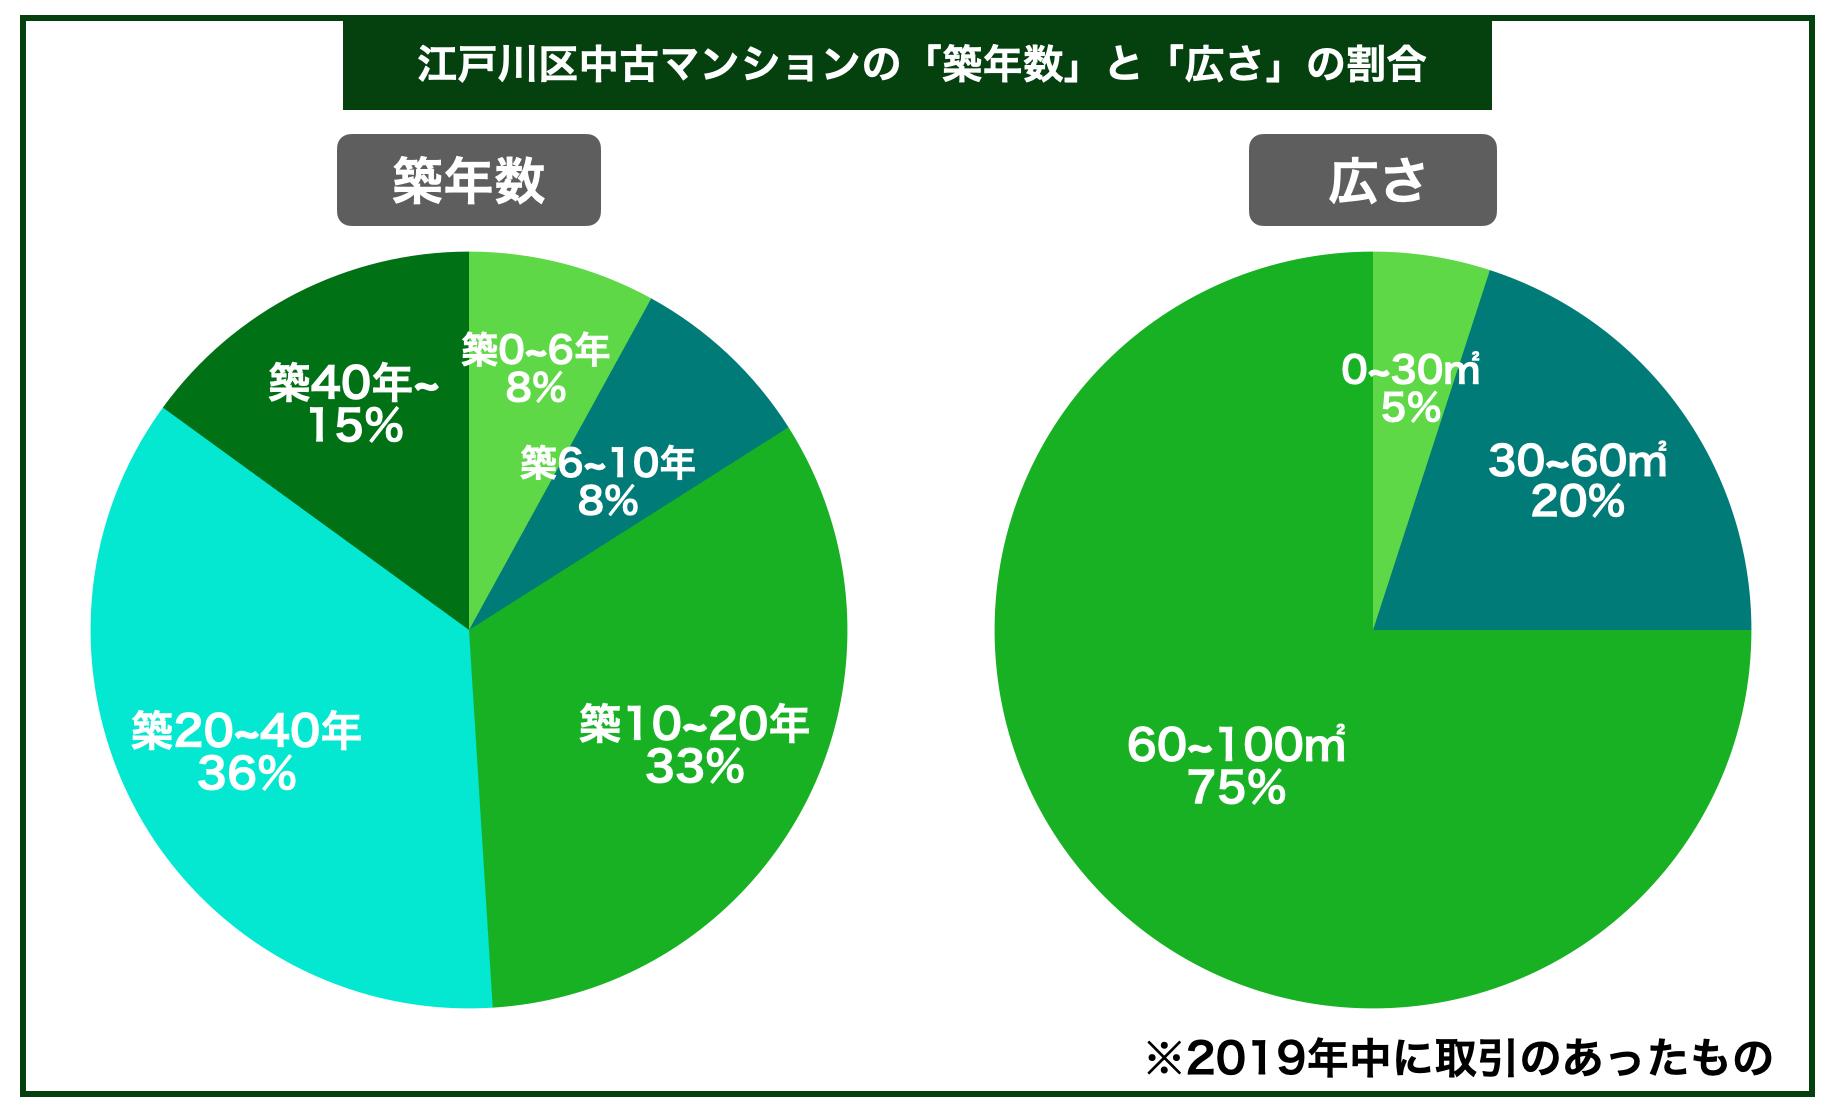 江戸川区中古マンション築年数広さ割合